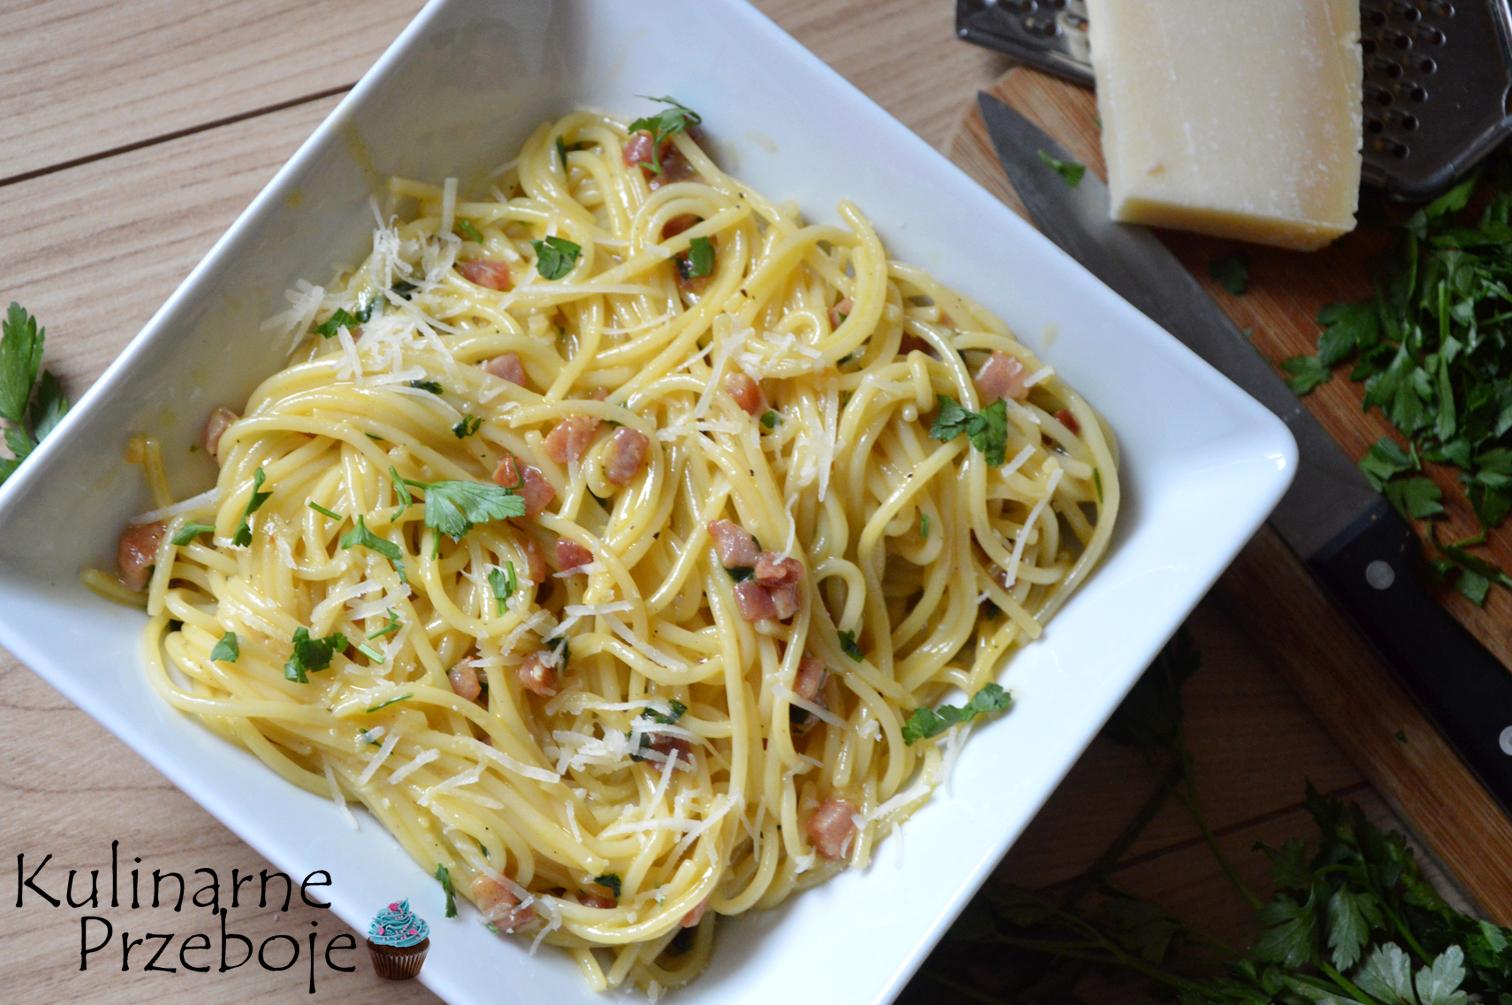 Szybki i przepyszny obiad, spaghetti carbonara z wędzonym boczkiem i parmezanem